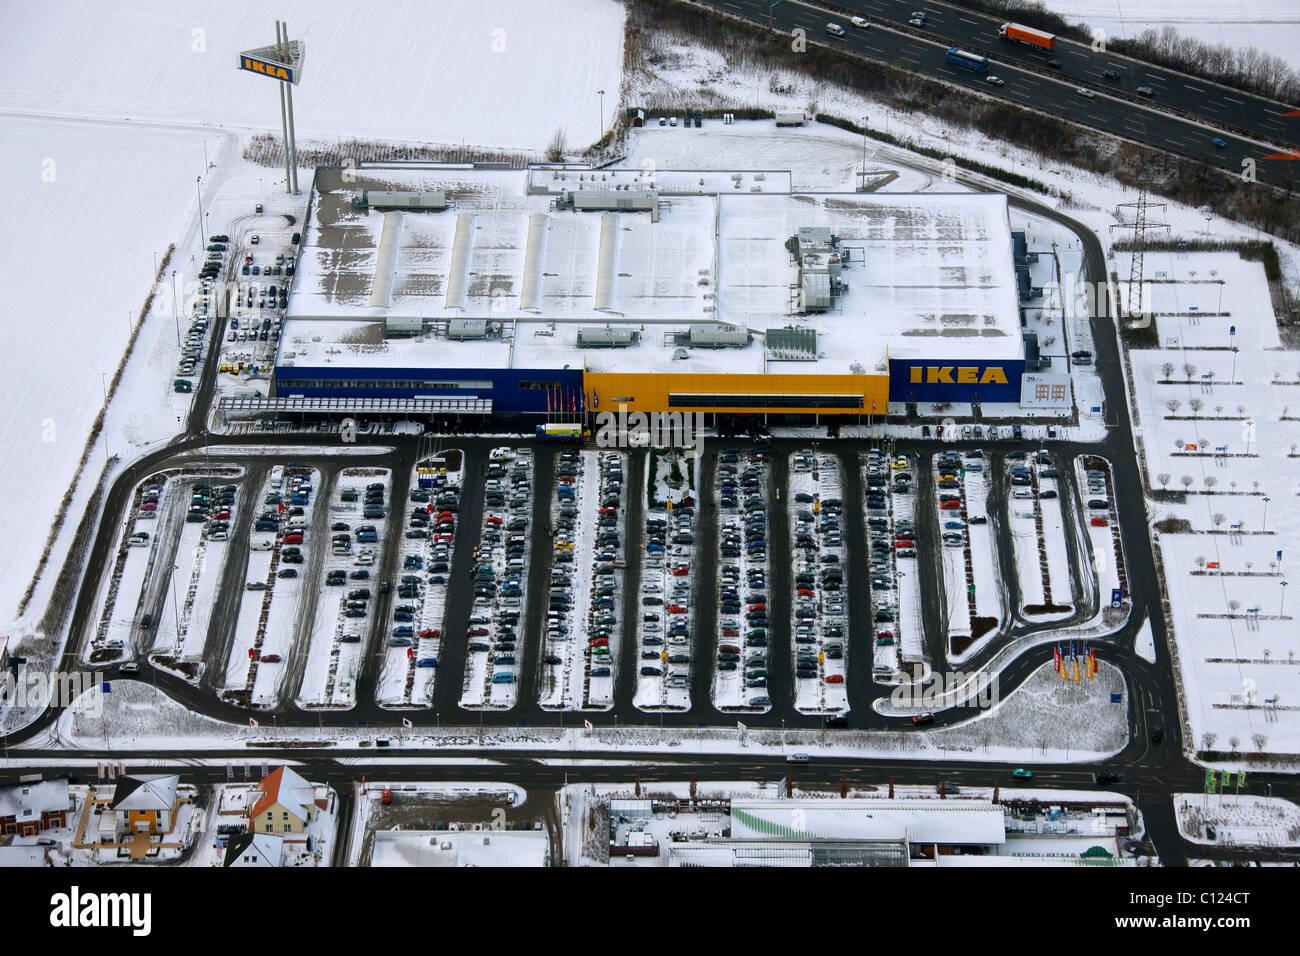 Vista aerea, parcheggio nella neve, negozio mobili IKEA Kamen, Ruhrgebiet regione Renania settentrionale-Vestfalia, Immagini Stock